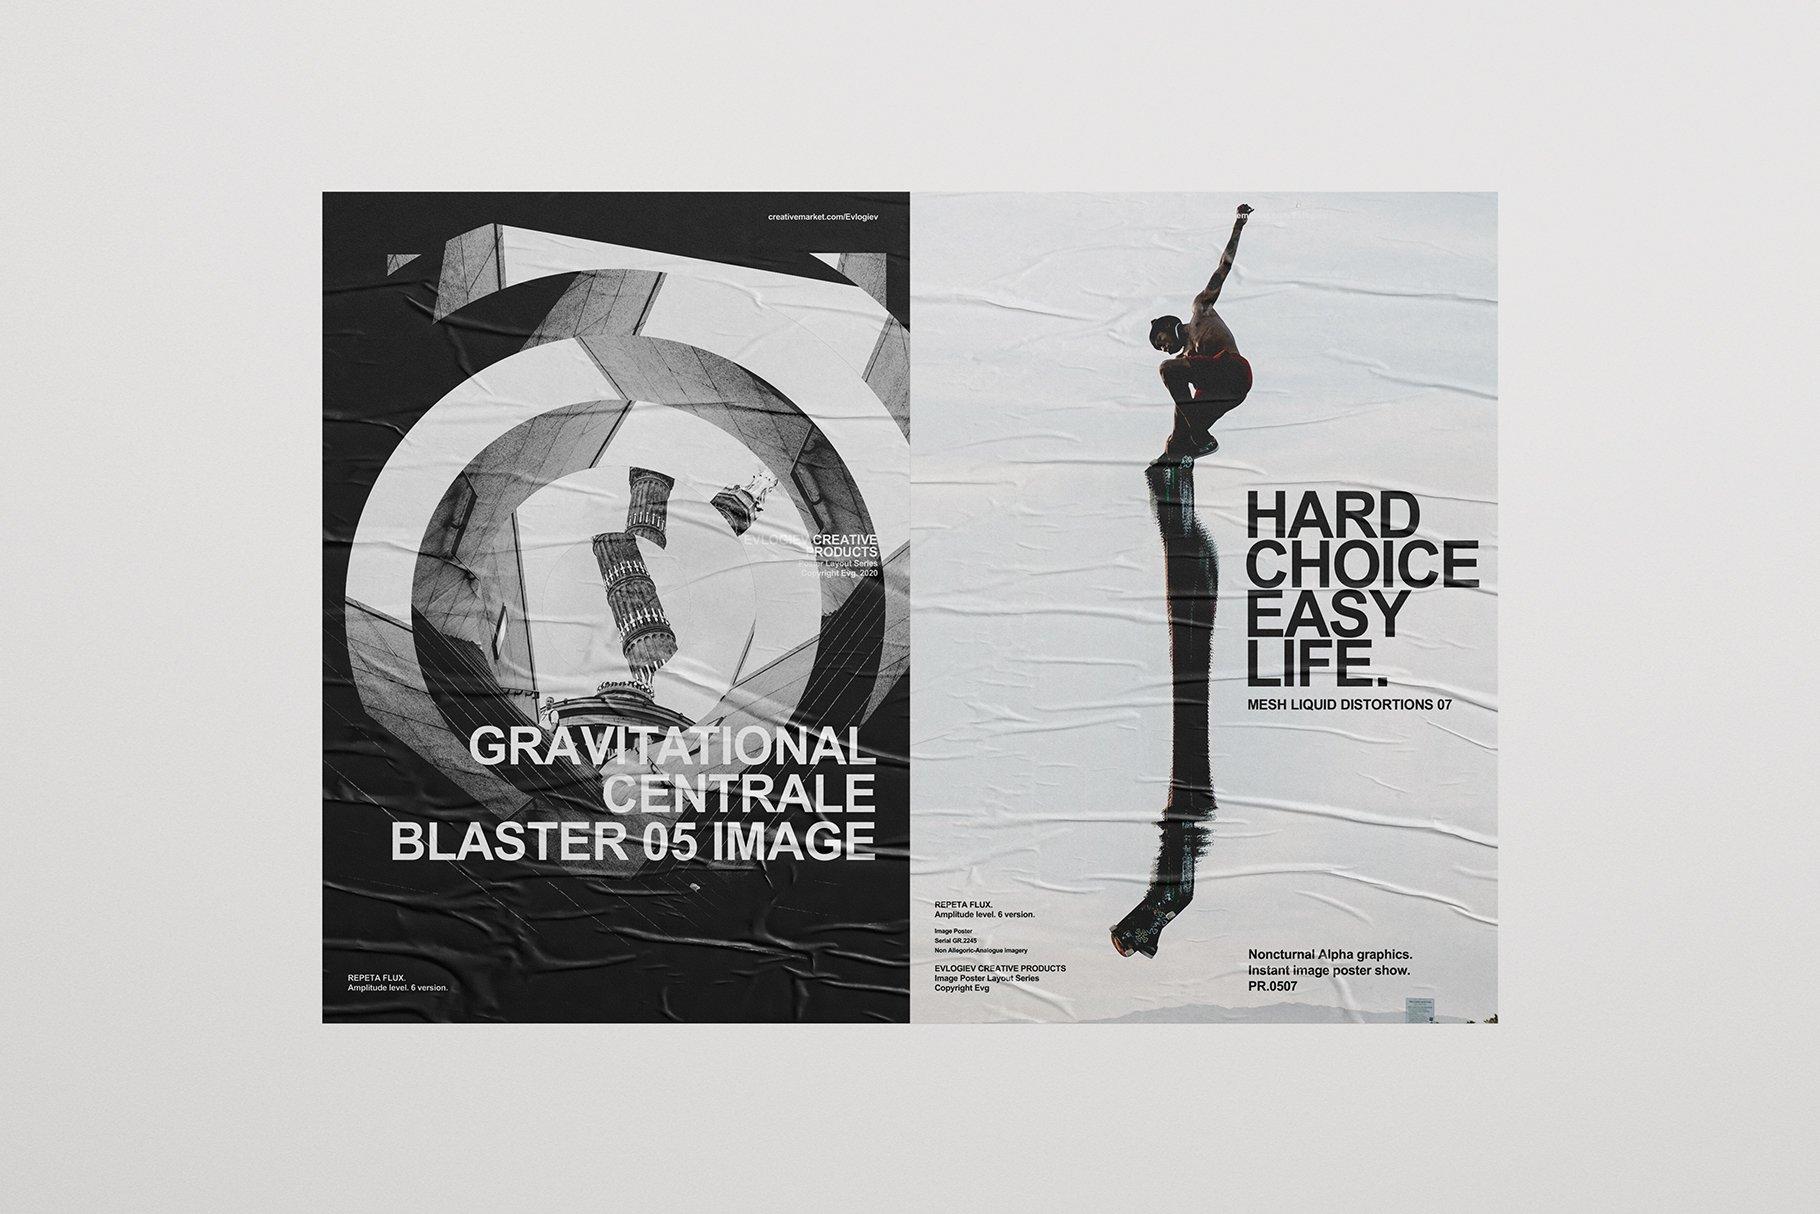 [淘宝购买] 20款抽象扭曲故障主视觉海报图片设计效果PS样式模板 Evlogiev – Distort Image Poster插图(10)